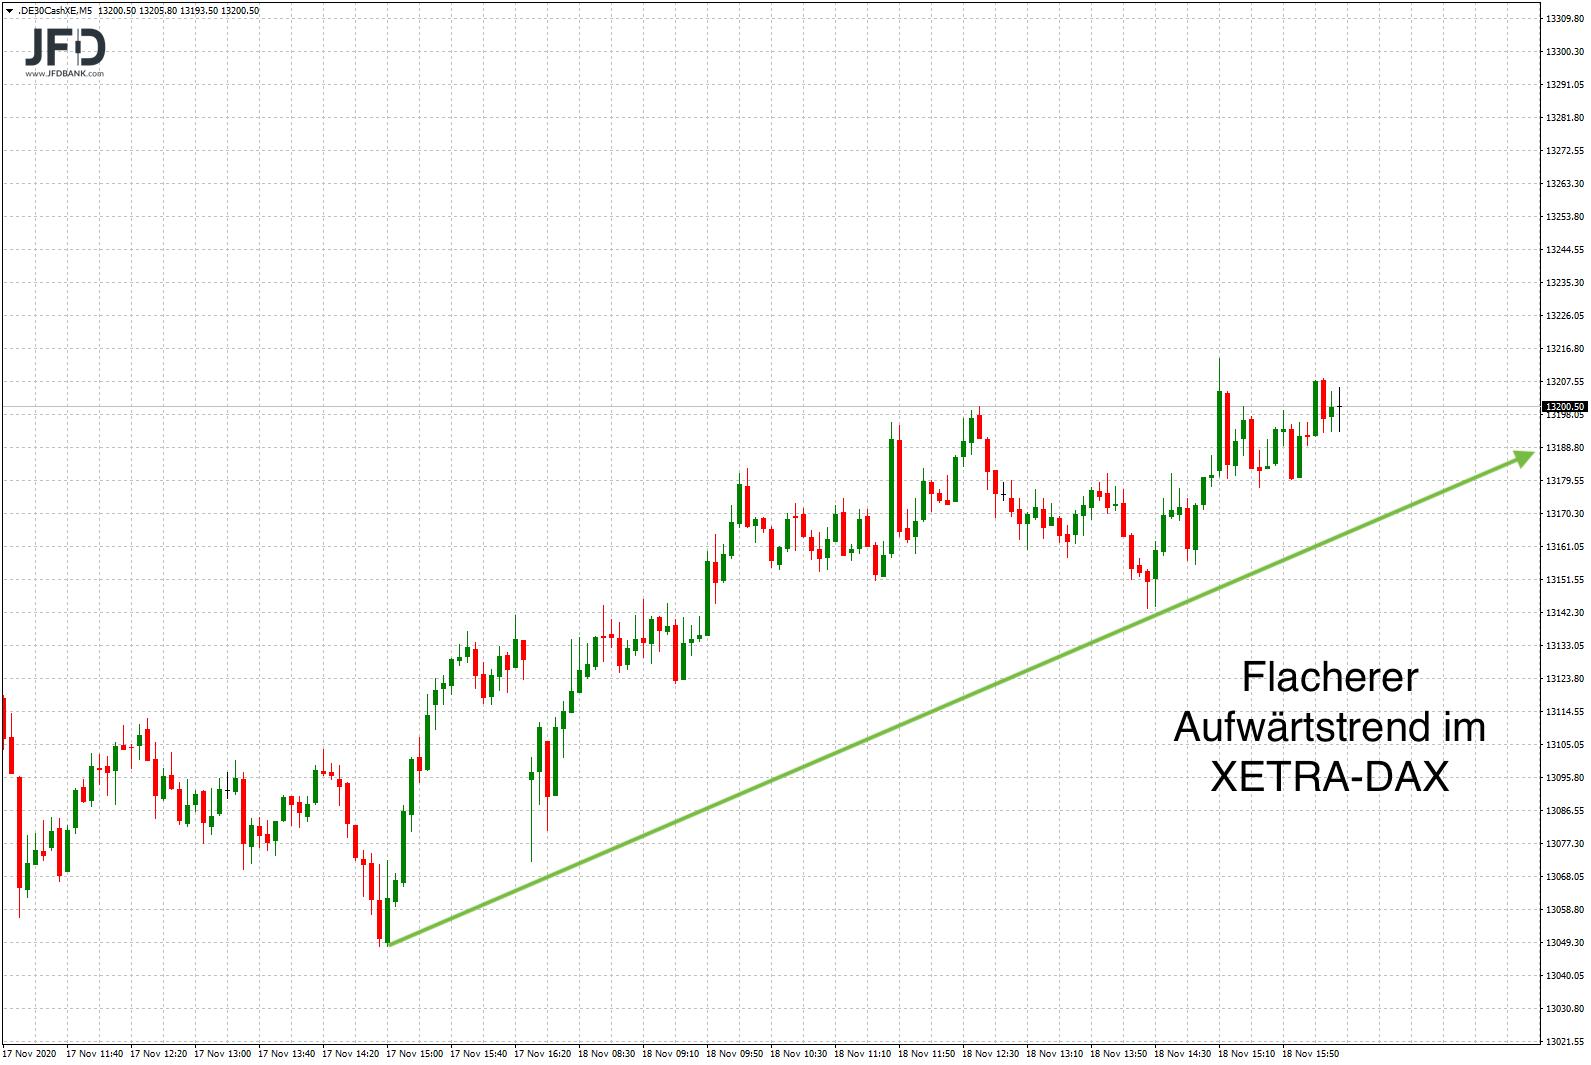 Die-Range-bleibt-weiter-das-dominante-Element-im-DAX-Chart-Kommentar-JFD-Bank-GodmodeTrader.de-2